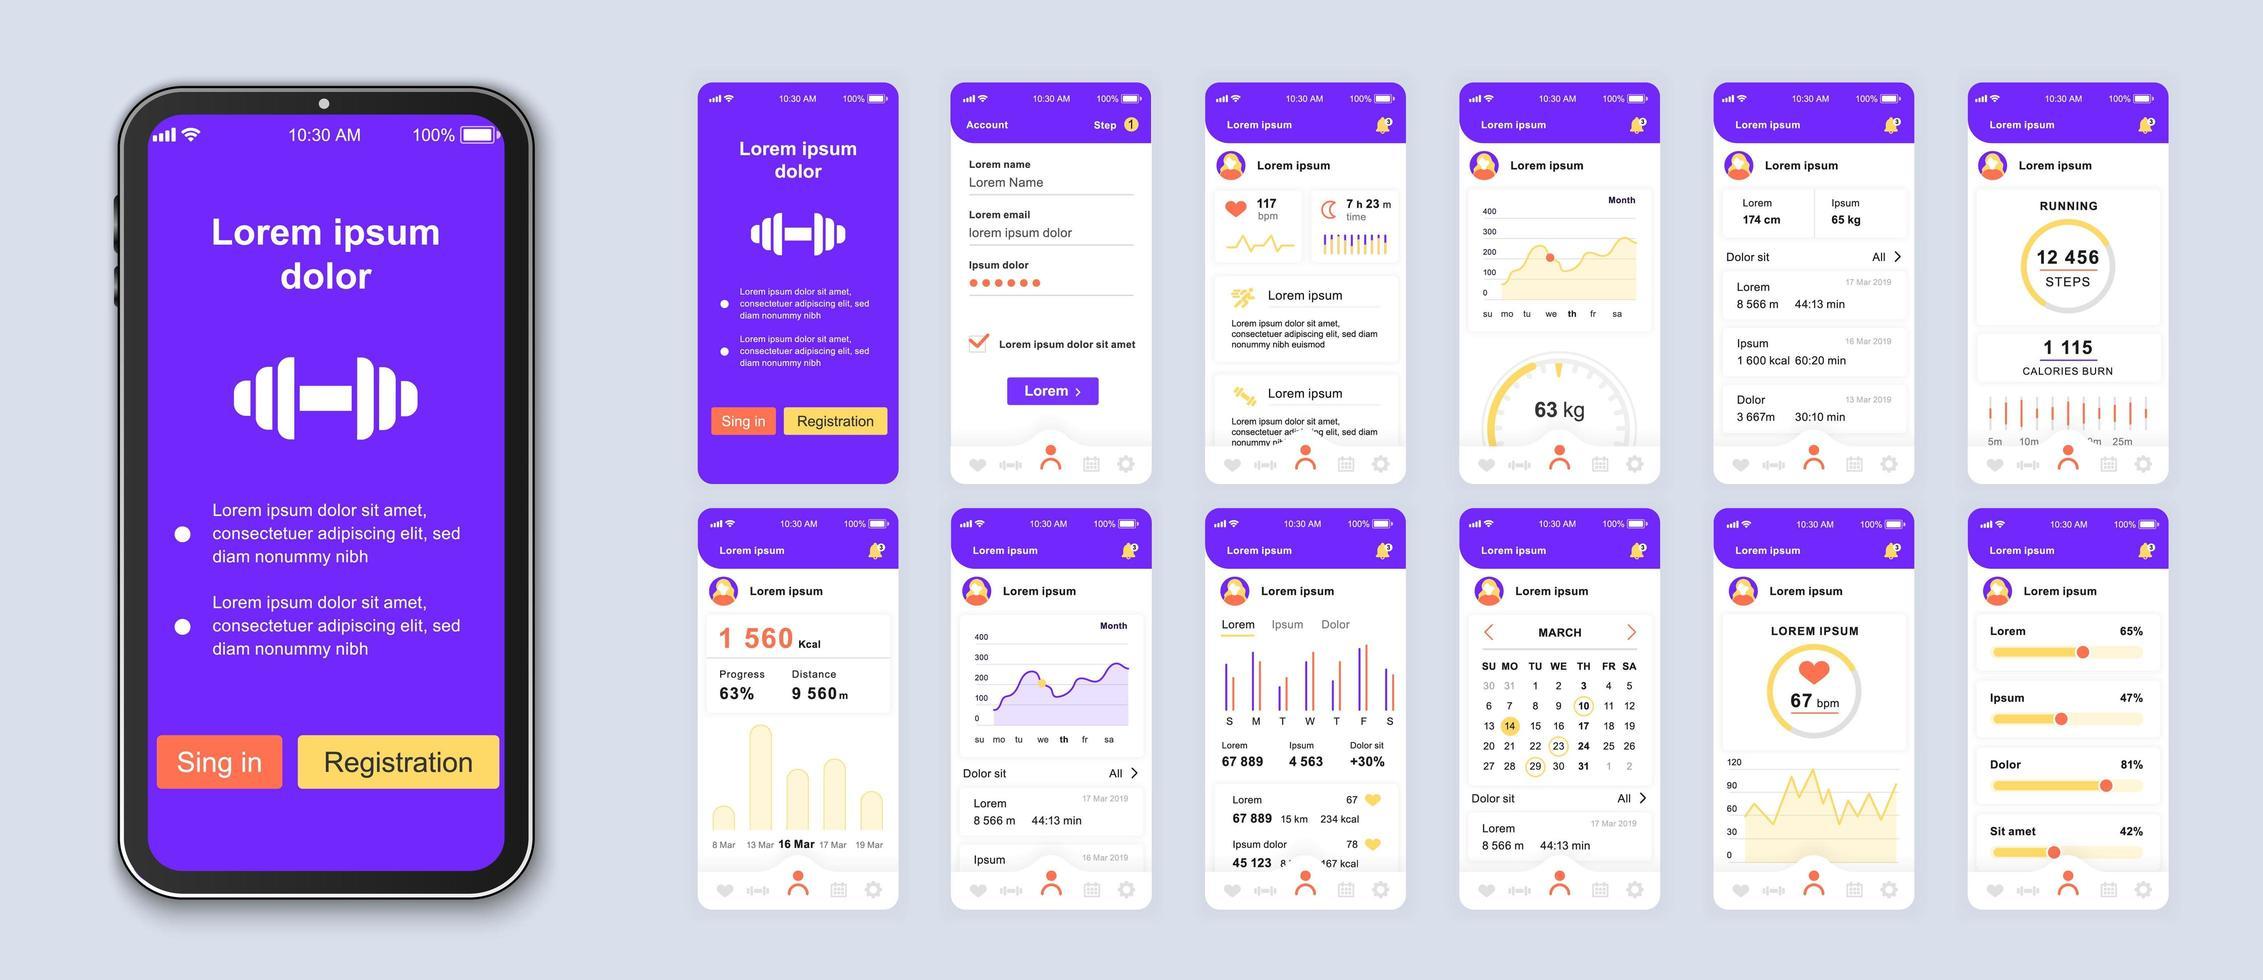 design de interface do aplicativo para dispositivos móveis da interface do usuário de fitness roxo e branco vetor